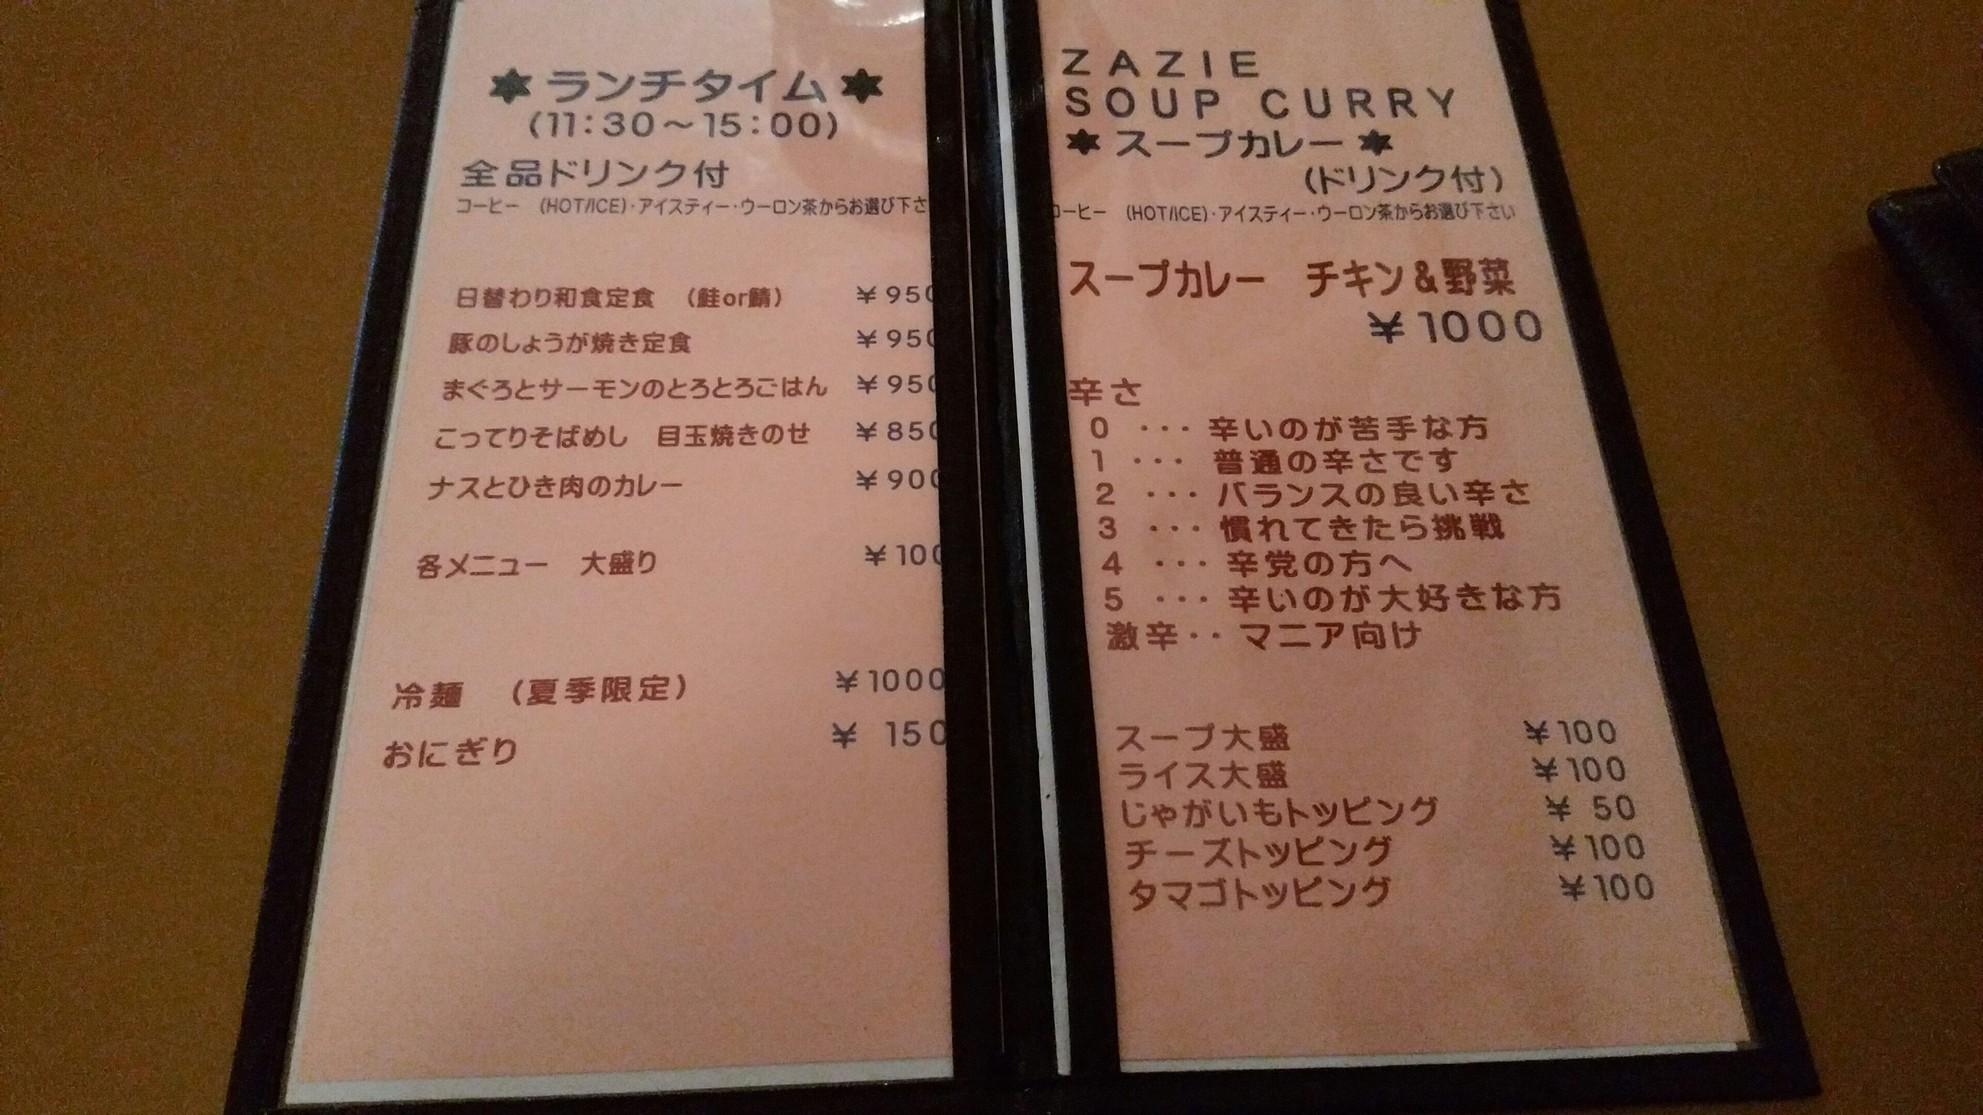 カフェ・レストラン ザジ